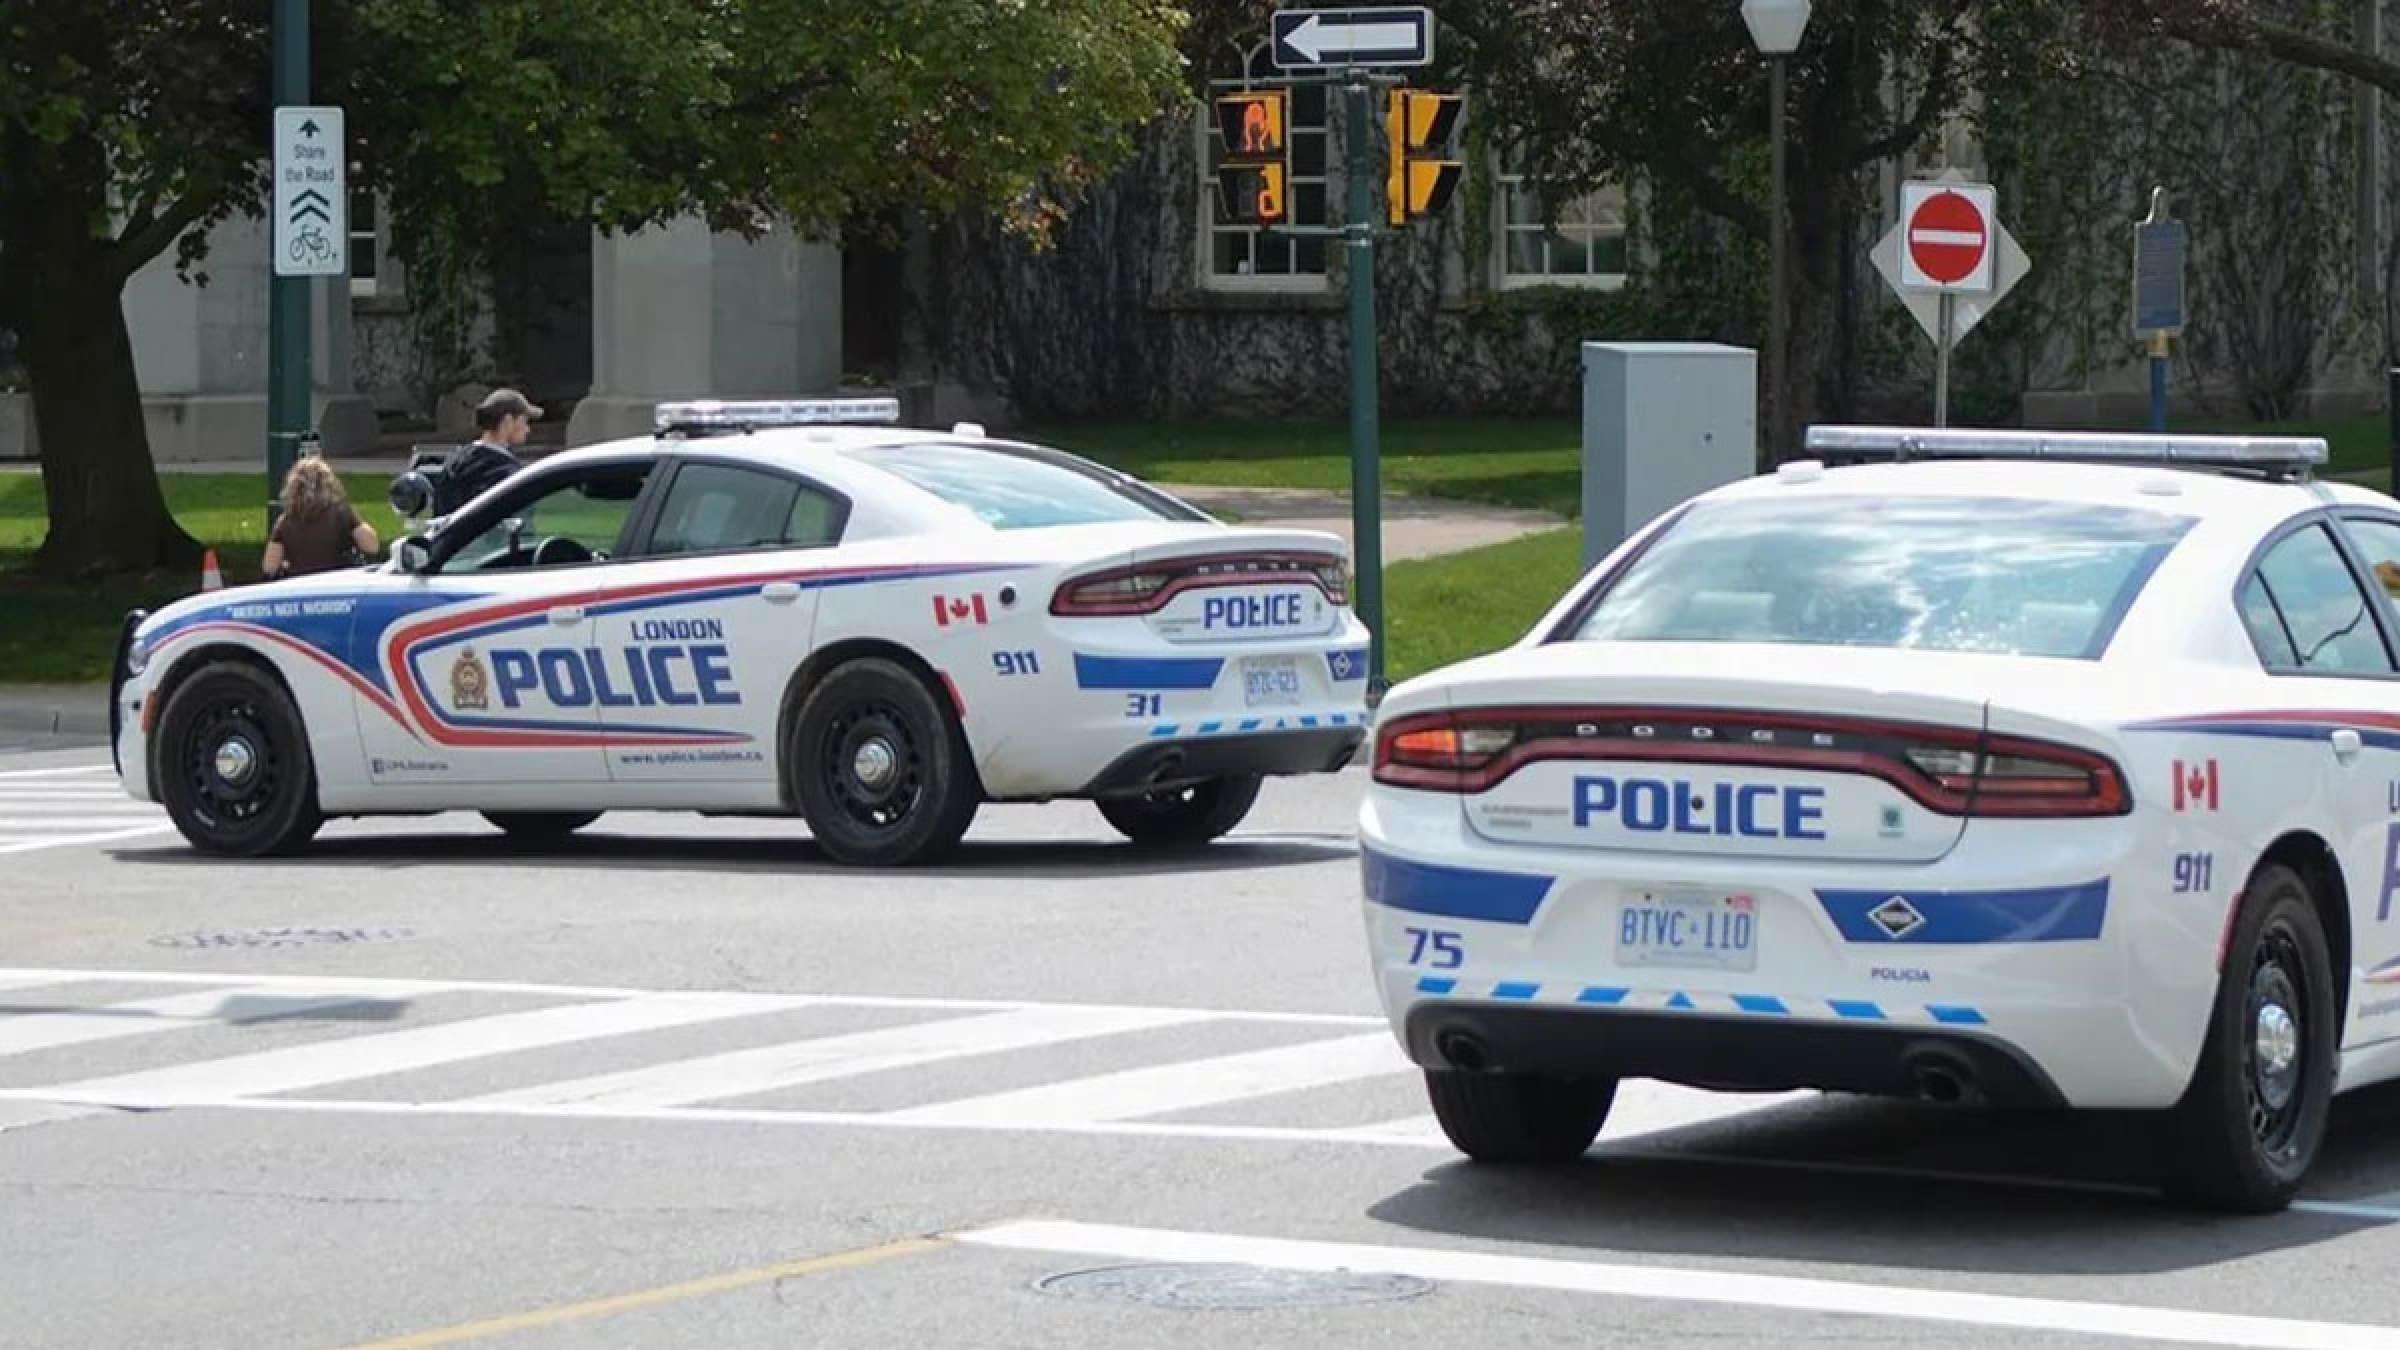 خبر-تورنتو-با-ماشین-همسایه-خود-را-برای-ادرار-کردن-روی-چمن-حیاطش-زیر-گرفت-و-فرار-کرد